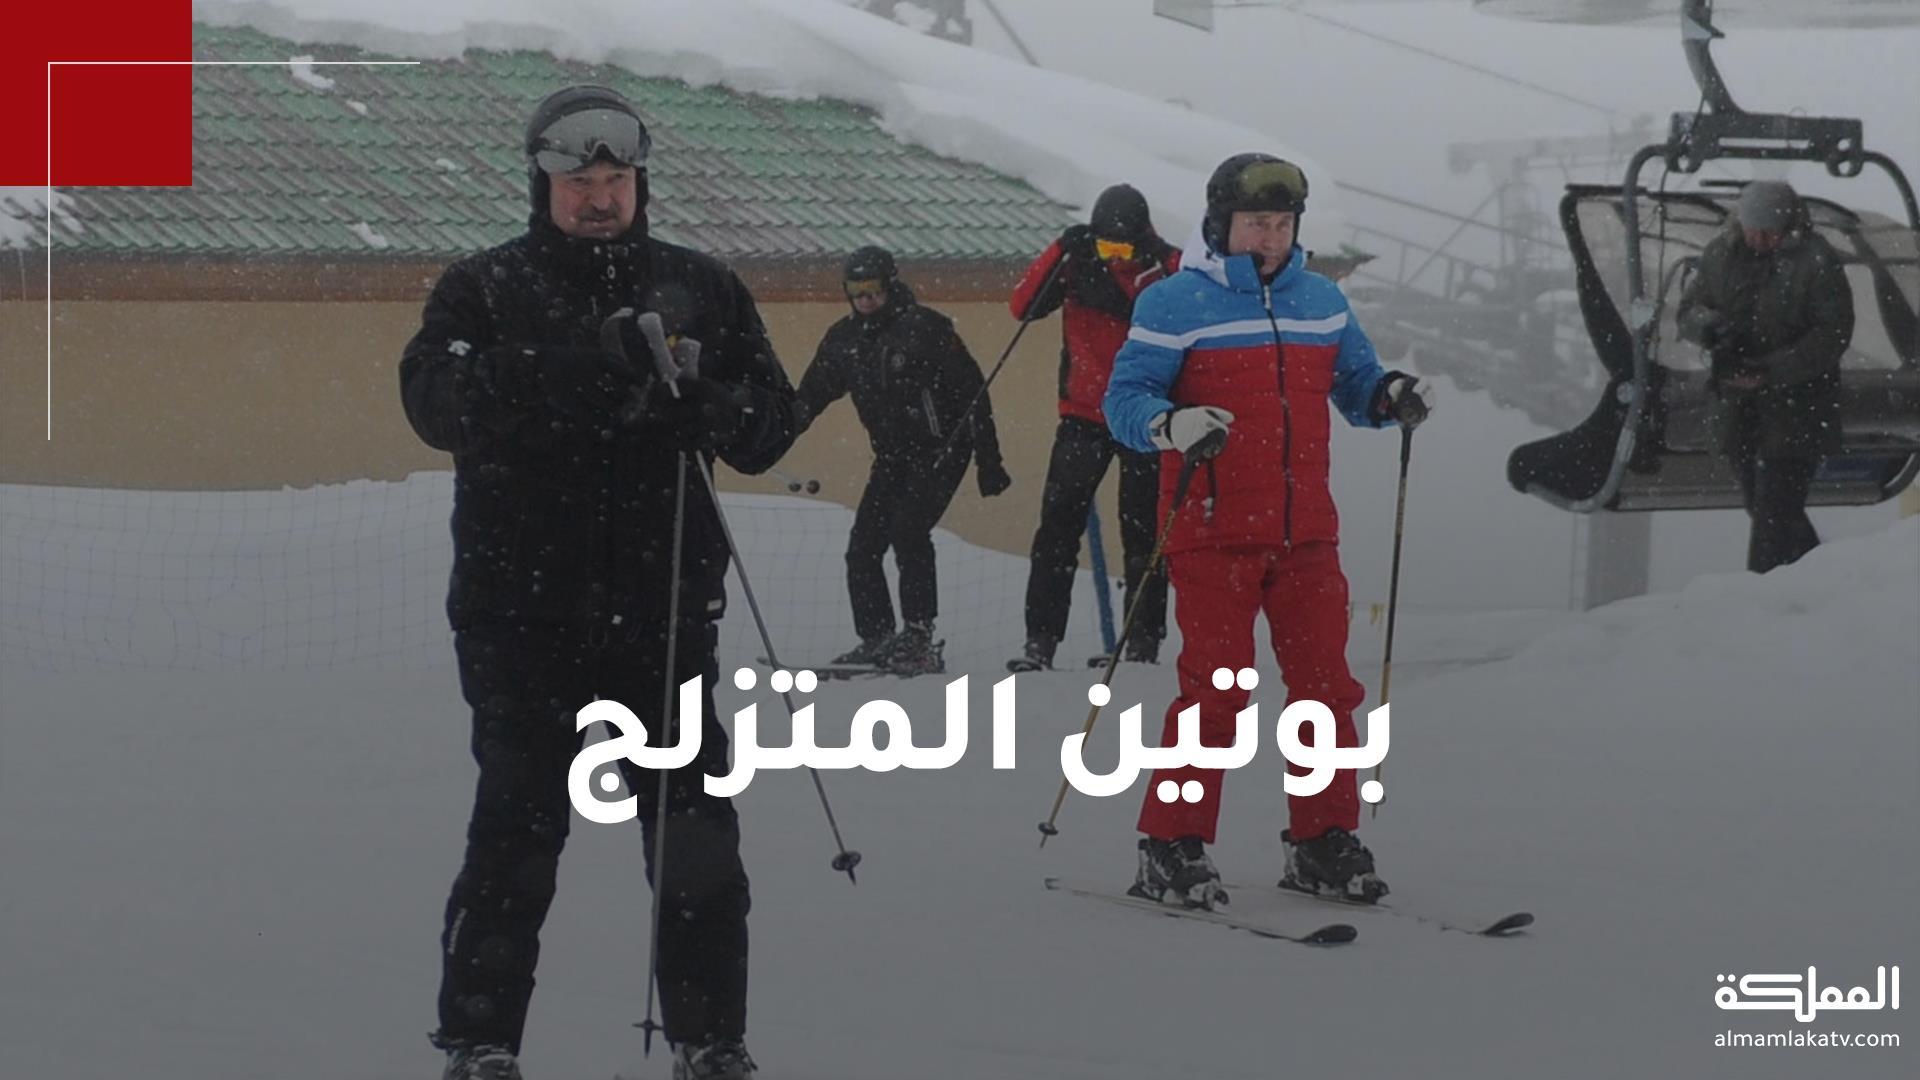 الرئيس الروسي بوتين يستعرض مهاراته بالتزلج